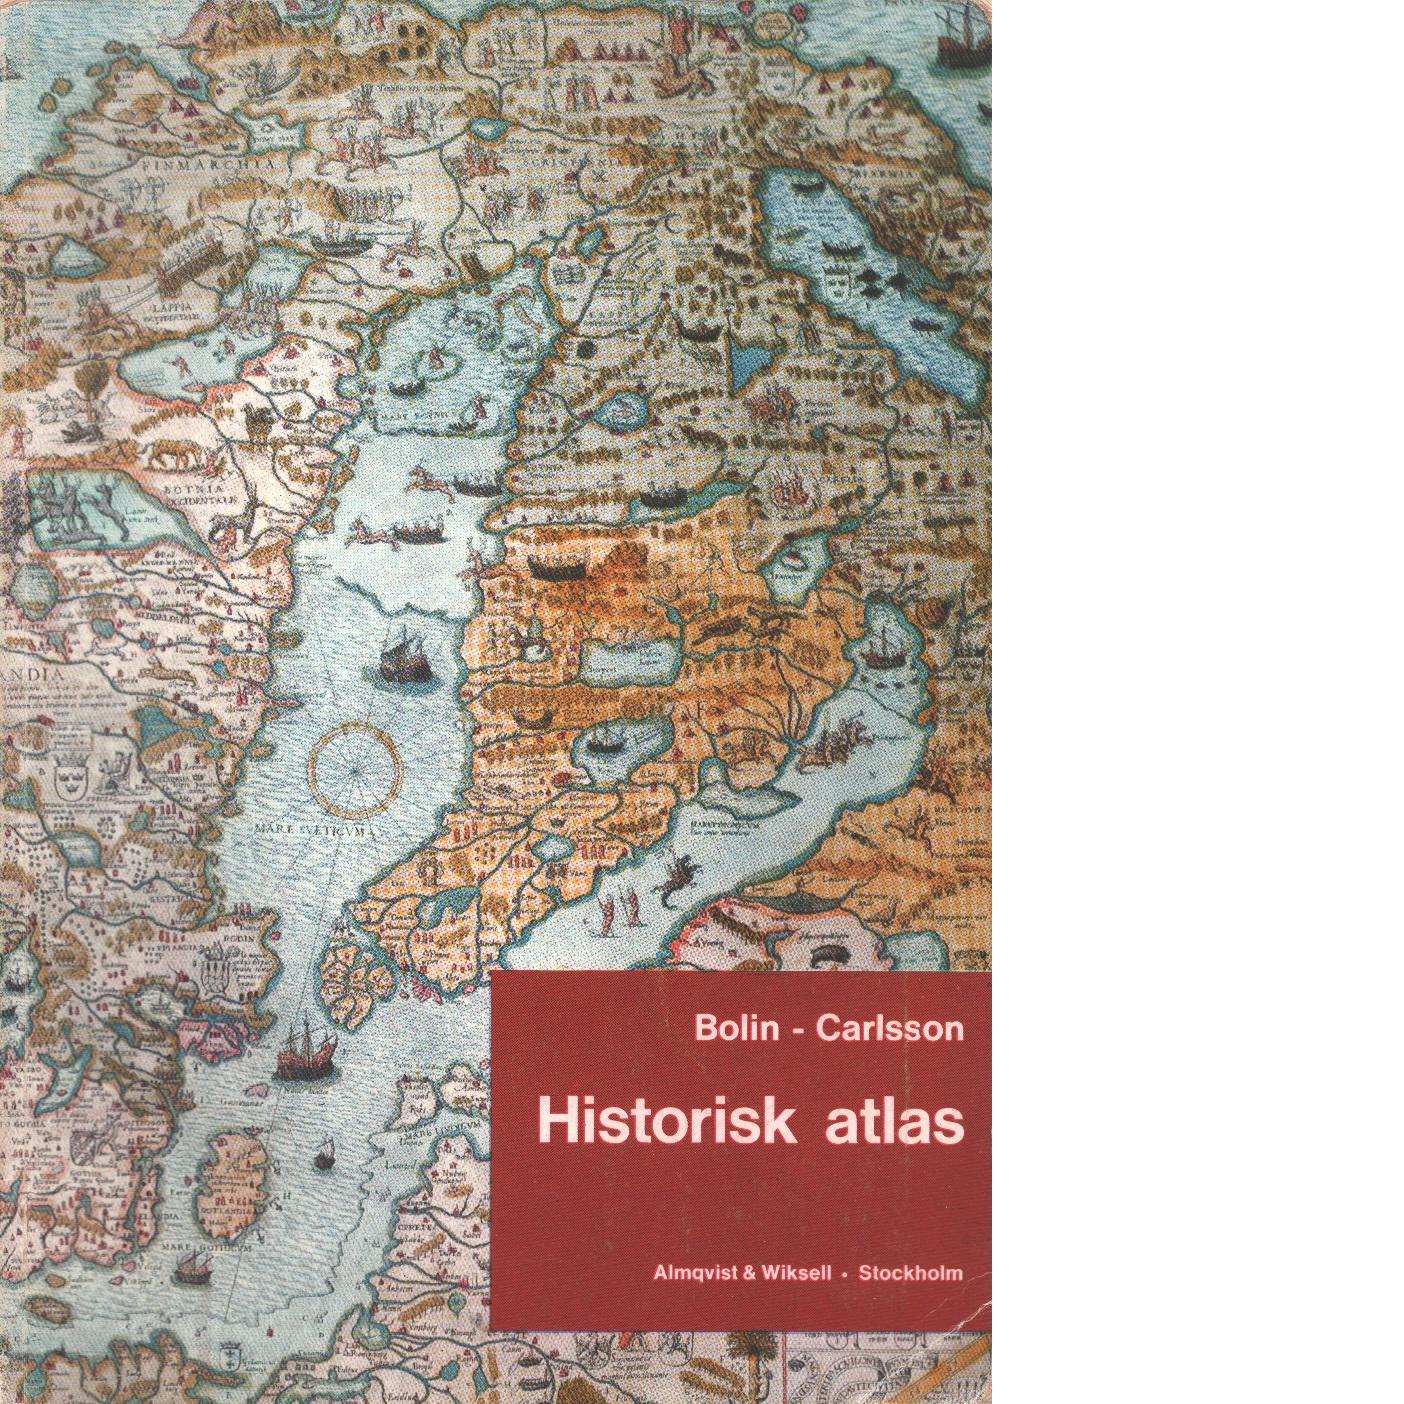 Historisk atlas - Bolin, Sture och Carlsson, Josef